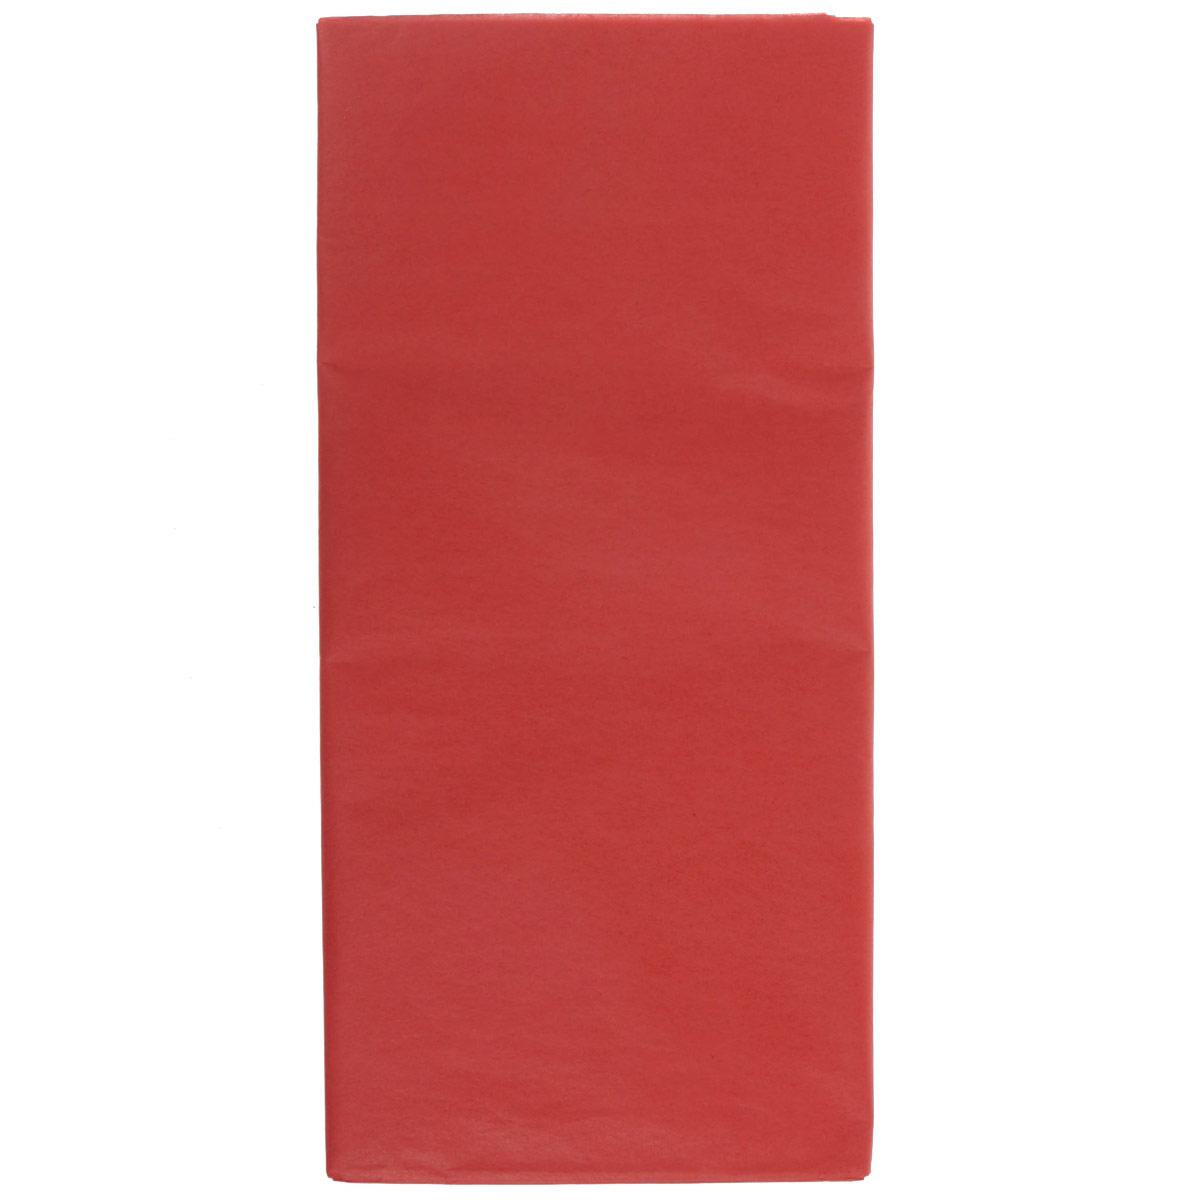 Бумага папиросная Folia, цвет: красный (20), 50 х 70 см, 5 листов. 7708123_207708123_20Бумага папиросная Folia - это великолепная тонкая и эластичная декоративная бумага. Такая бумага очень хороша для изготовления своими руками цветов и букетов с конфетами, топиариев, декорирования праздничных мероприятий. Также из нее получается шикарная упаковка для подарков. Интересный эффект дает сочетание мягкой полупрозрачной фактуры папиросной бумаги с жатыми и матовыми фактурами: креп-бумагой, тутовой и различными видами картона. Бумага очень тонкая, полупрозрачная - поэтому ее можно оригинально использовать в декоре стекла, светильников и гирлянд. Достаточно большие размеры листа и богатая цветовая палитра дают простор вашей творческой фантазии. Размер листа: 50 см х 70 см.Плотность: 20 г/м2.